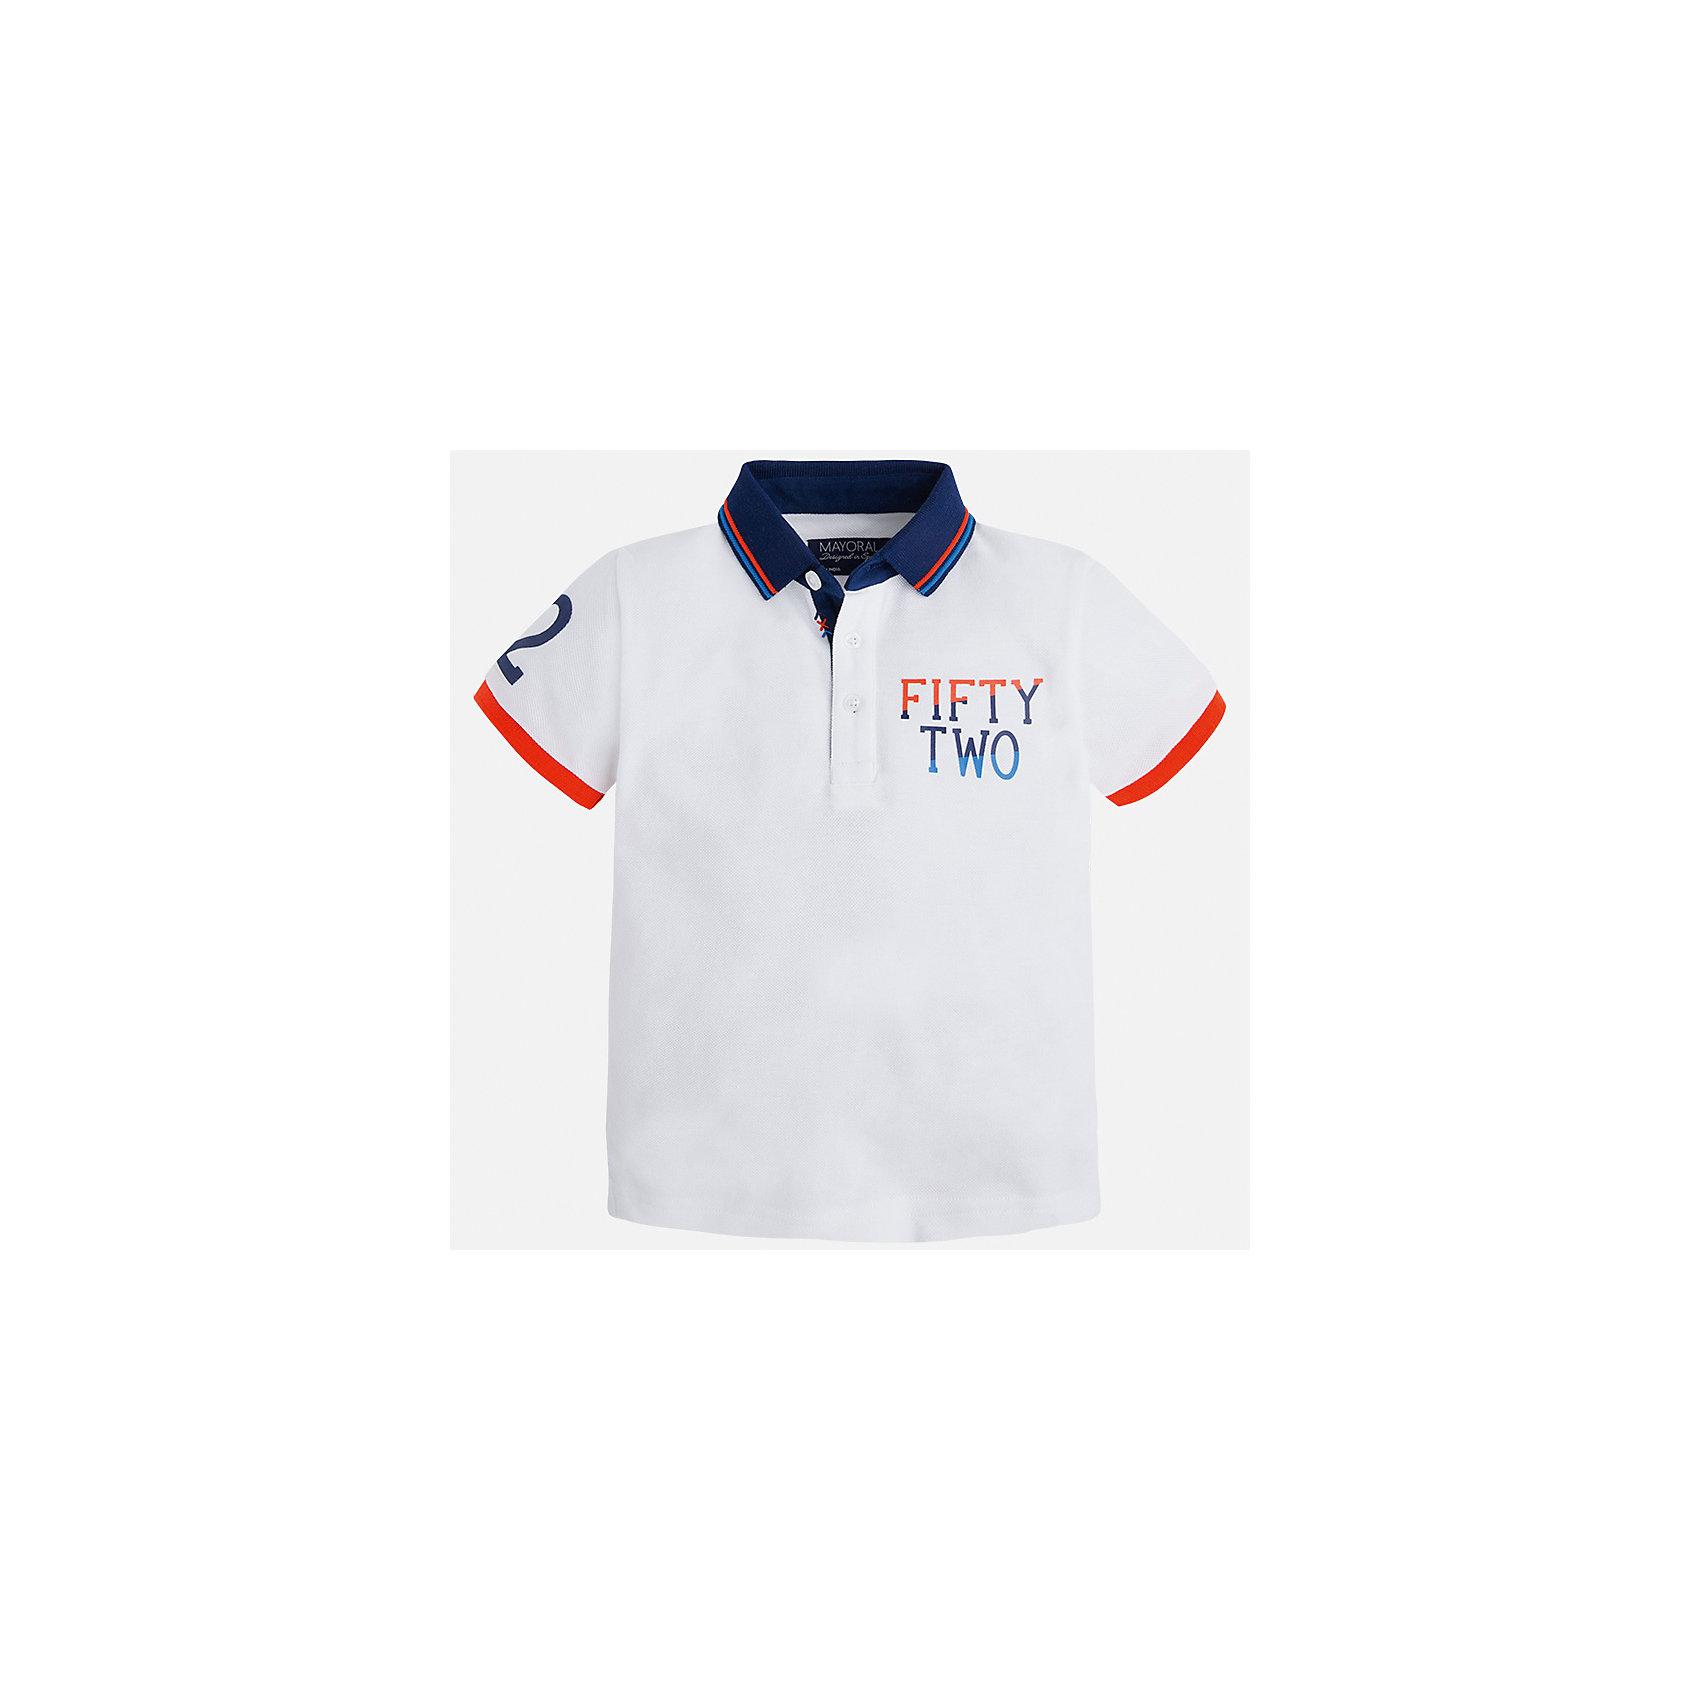 Рубашка-поло для мальчика MayoralХарактеристики товара:<br><br>• цвет: белый<br>• состав: 100% хлопок<br>• отложной воротник<br>• короткие рукава<br>• застежка: пуговицы<br>• декорирована принтом<br>• страна бренда: Испания<br><br>Стильная футболка-поло для мальчика может стать базовой вещью в гардеробе ребенка. Она отлично сочетается с брюками, шортами, джинсами и т.д. Универсальный крой и цвет позволяет подобрать к вещи низ разных расцветок. Практичное и стильное изделие! В составе материала - только натуральный хлопок, гипоаллергенный, приятный на ощупь, дышащий.<br><br>Одежда, обувь и аксессуары от испанского бренда Mayoral полюбились детям и взрослым по всему миру. Модели этой марки - стильные и удобные. Для их производства используются только безопасные, качественные материалы и фурнитура. Порадуйте ребенка модными и красивыми вещами от Mayoral! <br><br>Футболку-поло для мальчика от испанского бренда Mayoral (Майорал) можно купить в нашем интернет-магазине.<br><br>Ширина мм: 230<br>Глубина мм: 40<br>Высота мм: 220<br>Вес г: 250<br>Цвет: белый<br>Возраст от месяцев: 36<br>Возраст до месяцев: 48<br>Пол: Мужской<br>Возраст: Детский<br>Размер: 104,92,98,110,116,128,134,122<br>SKU: 5271922